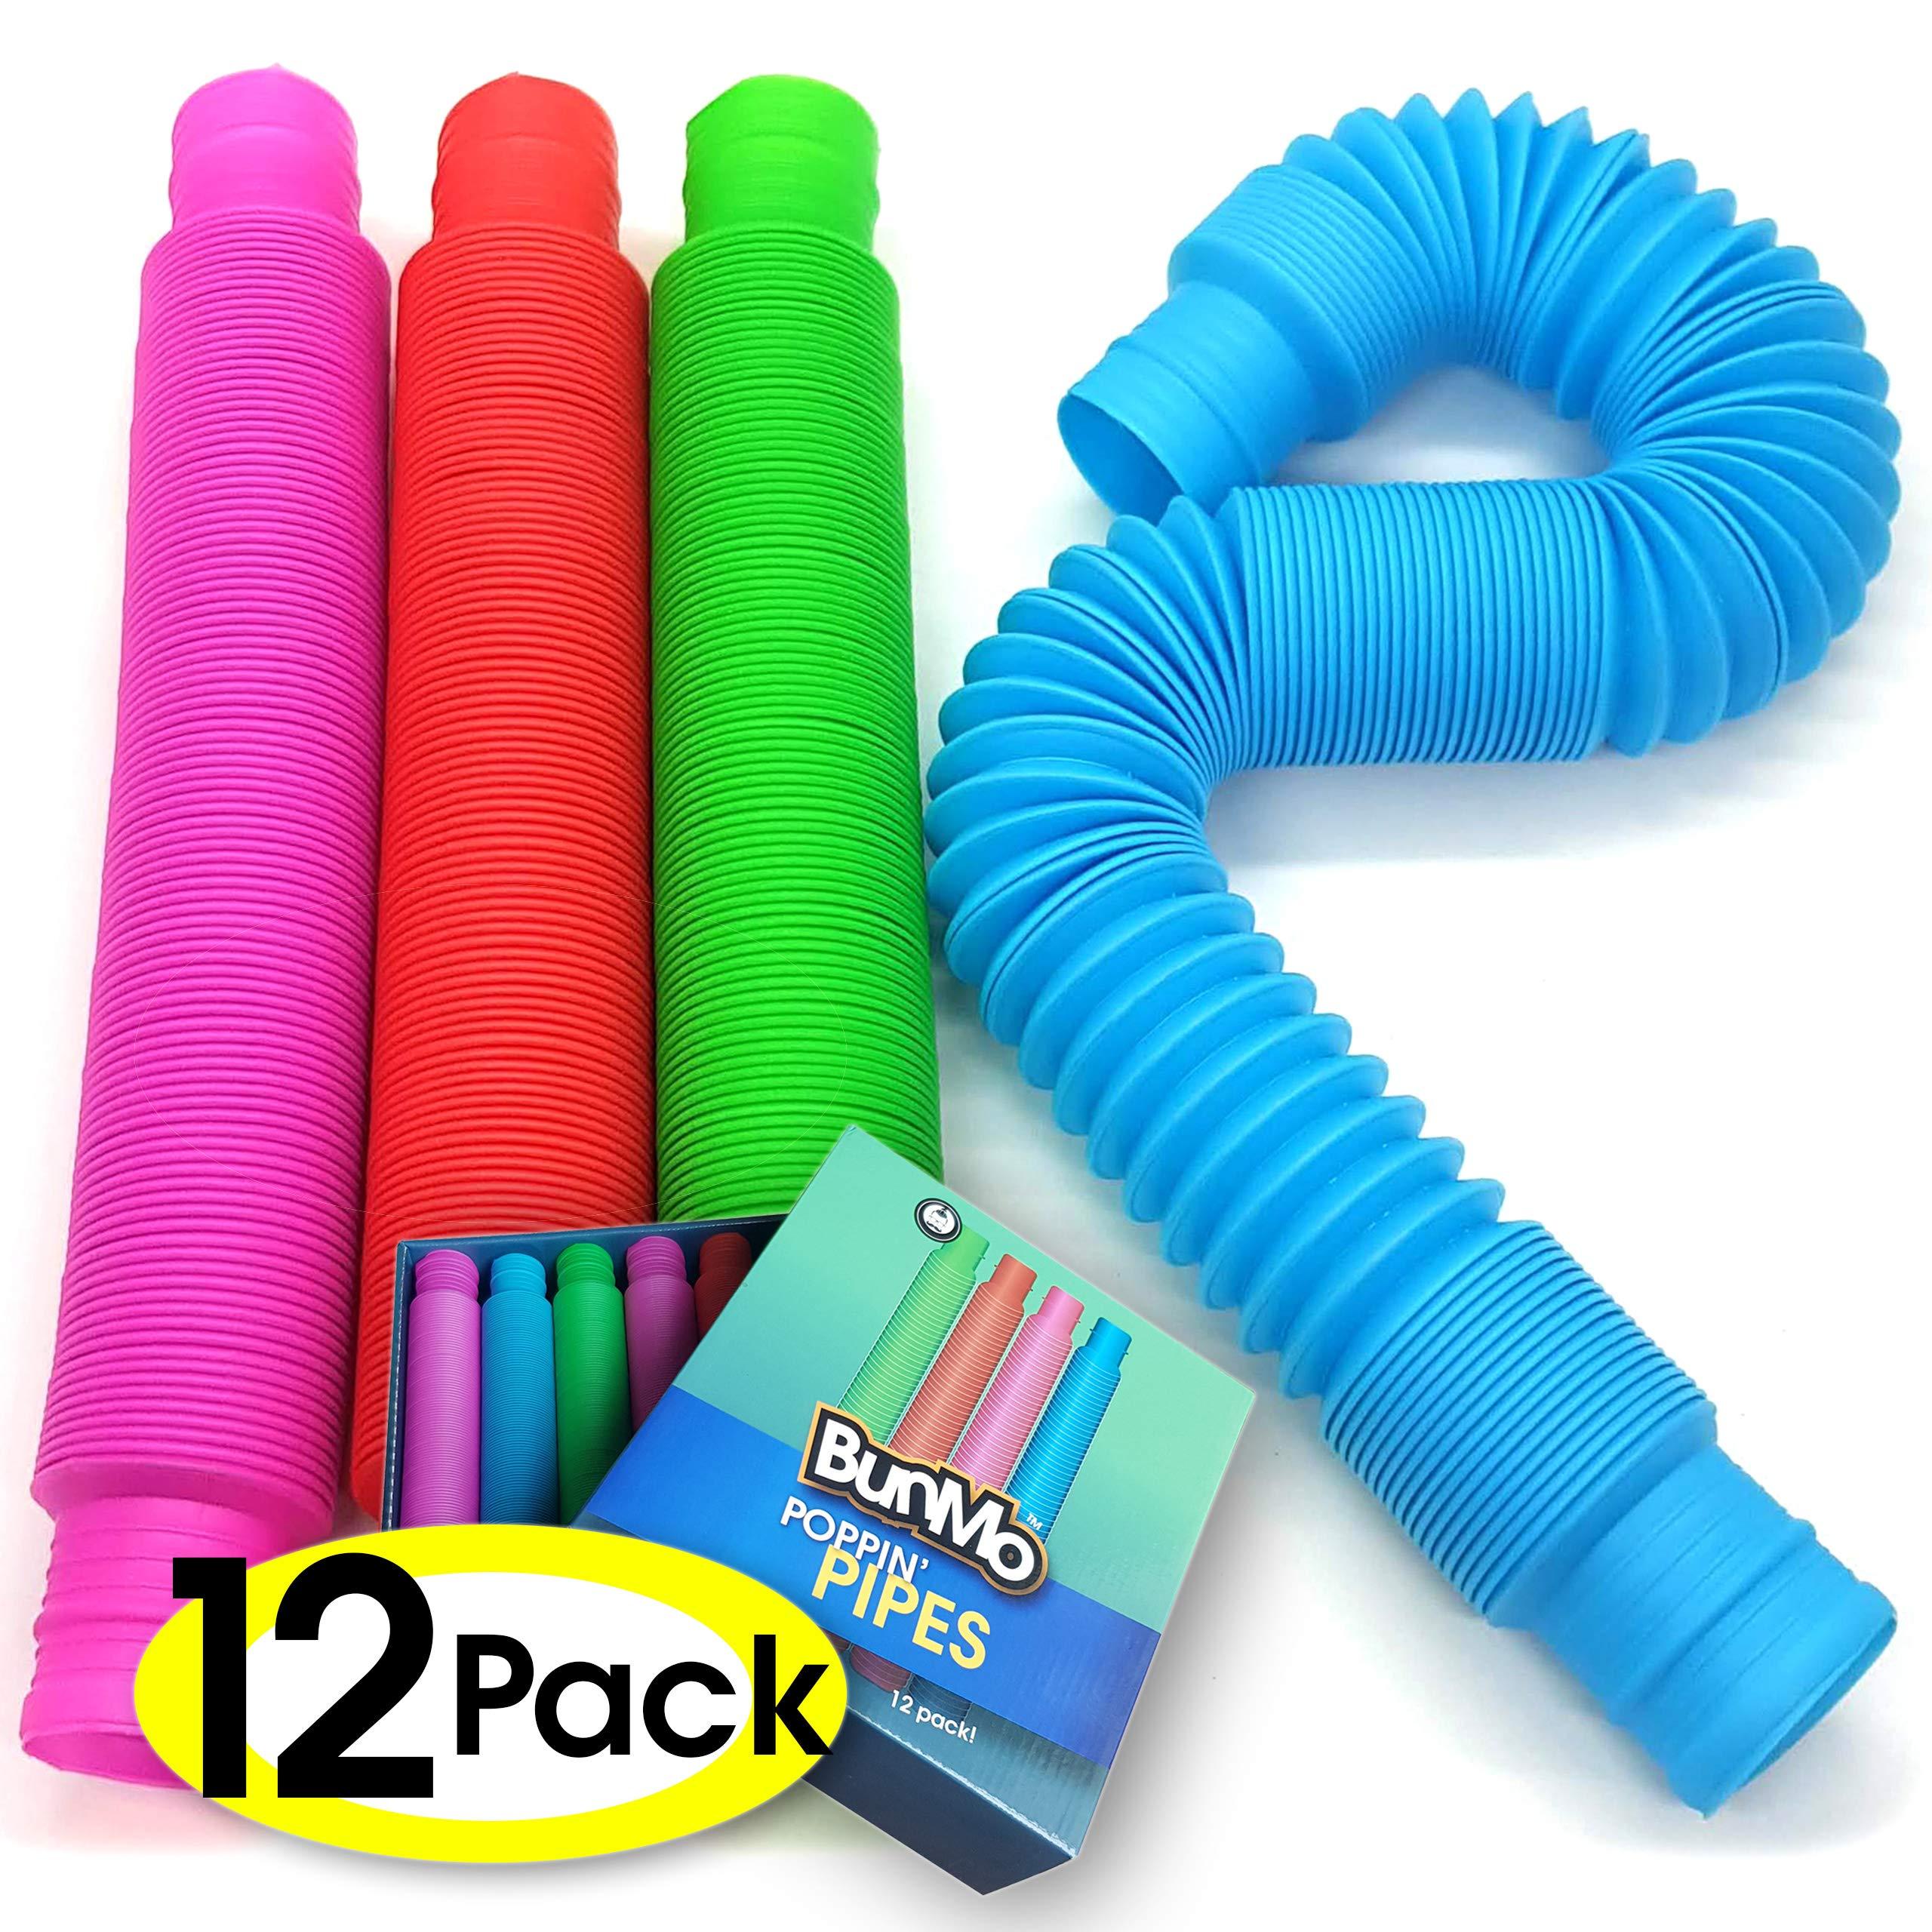 BUNMO Pop Tubes Fidget Toys - 12 Pack by BUNMO